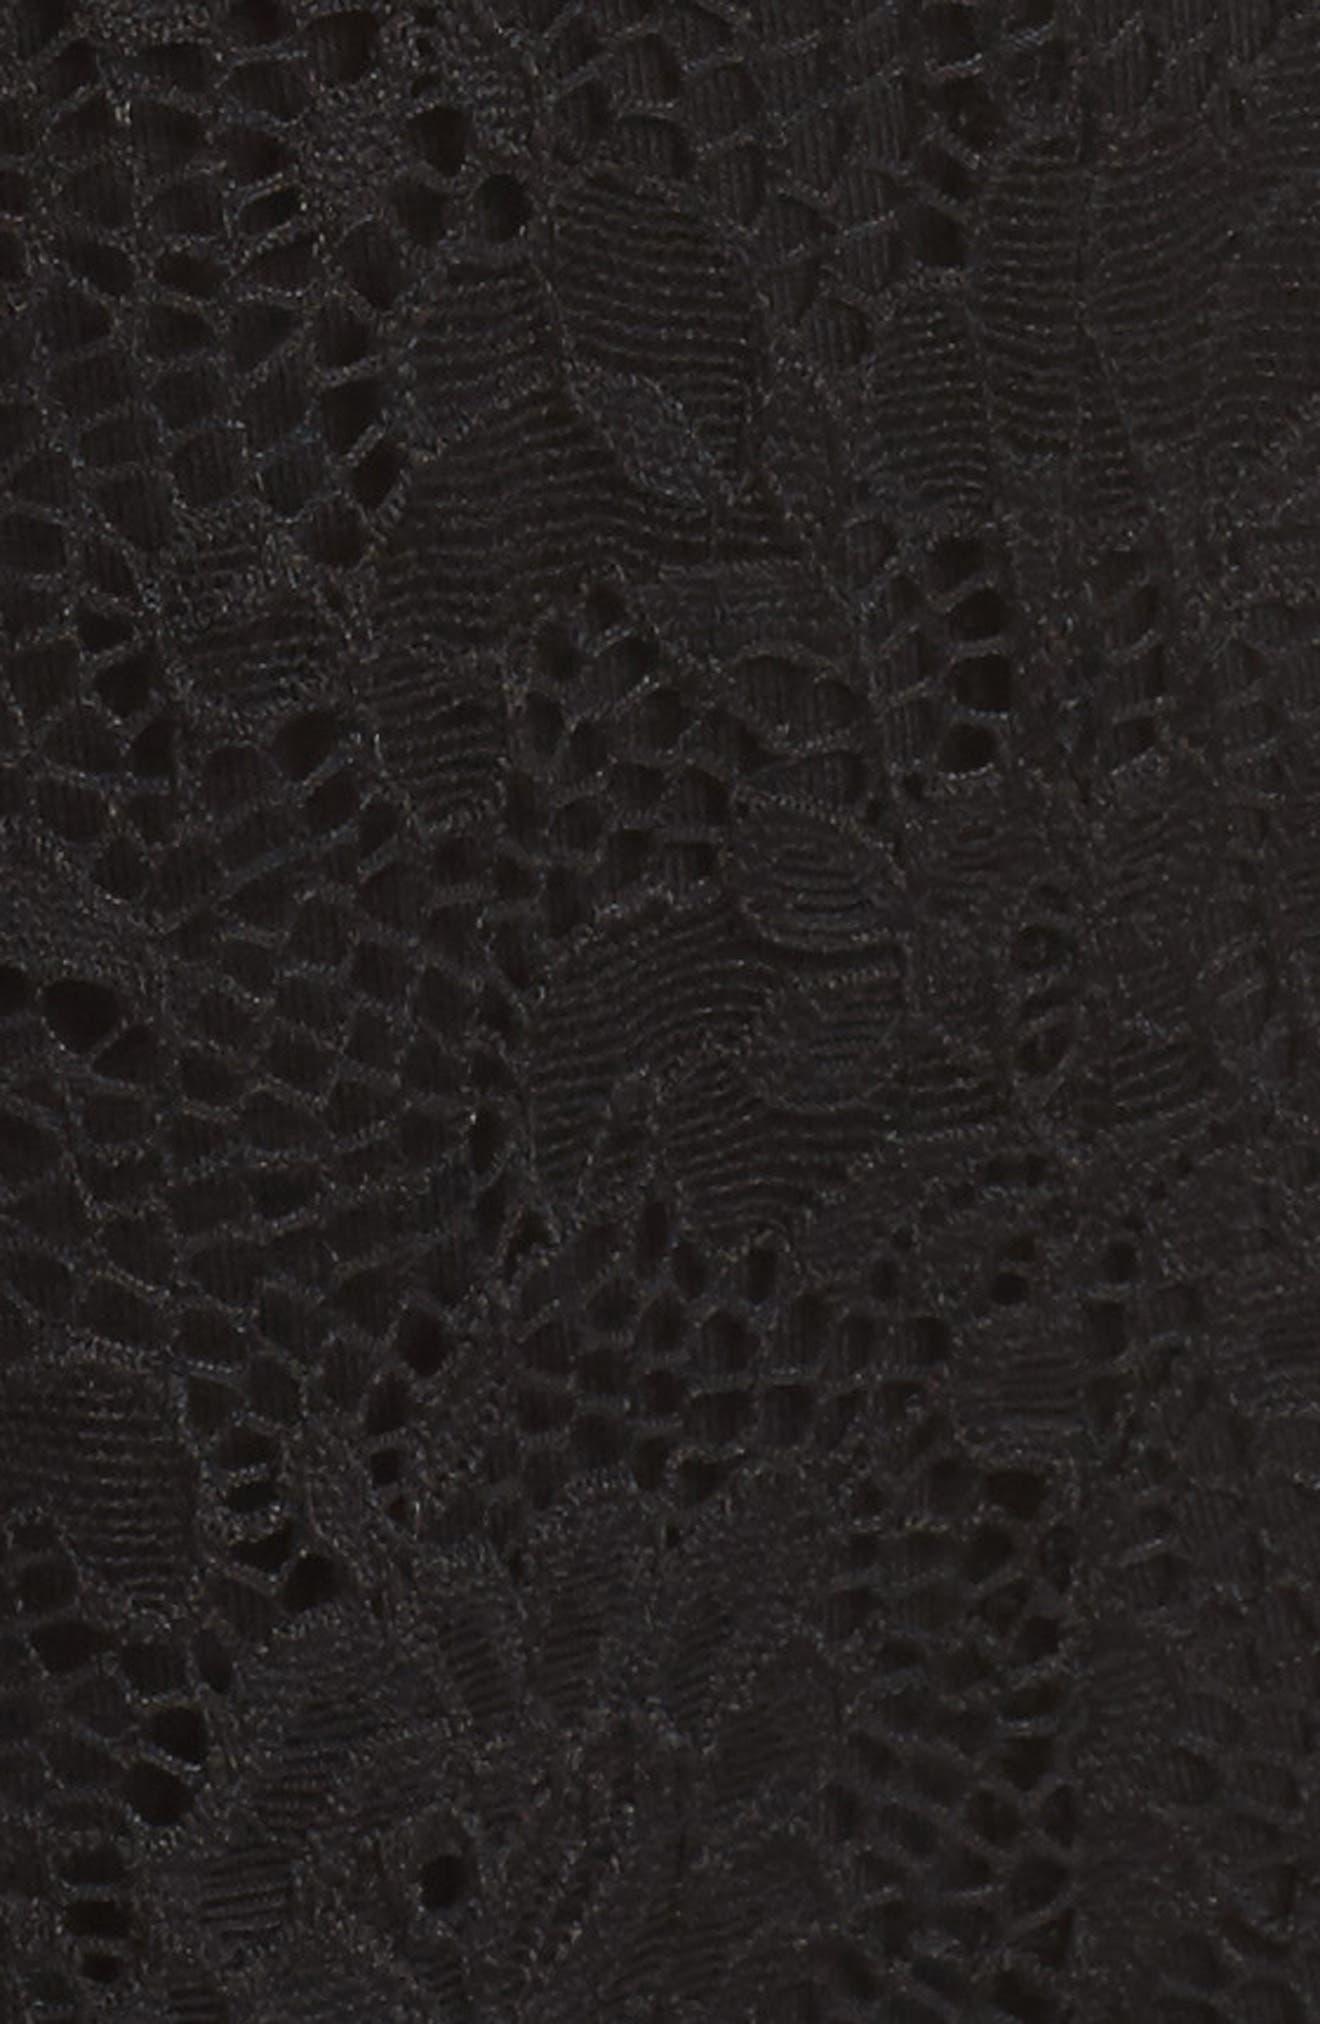 Lace Jumpsuit,                             Alternate thumbnail 6, color,                             BLACK